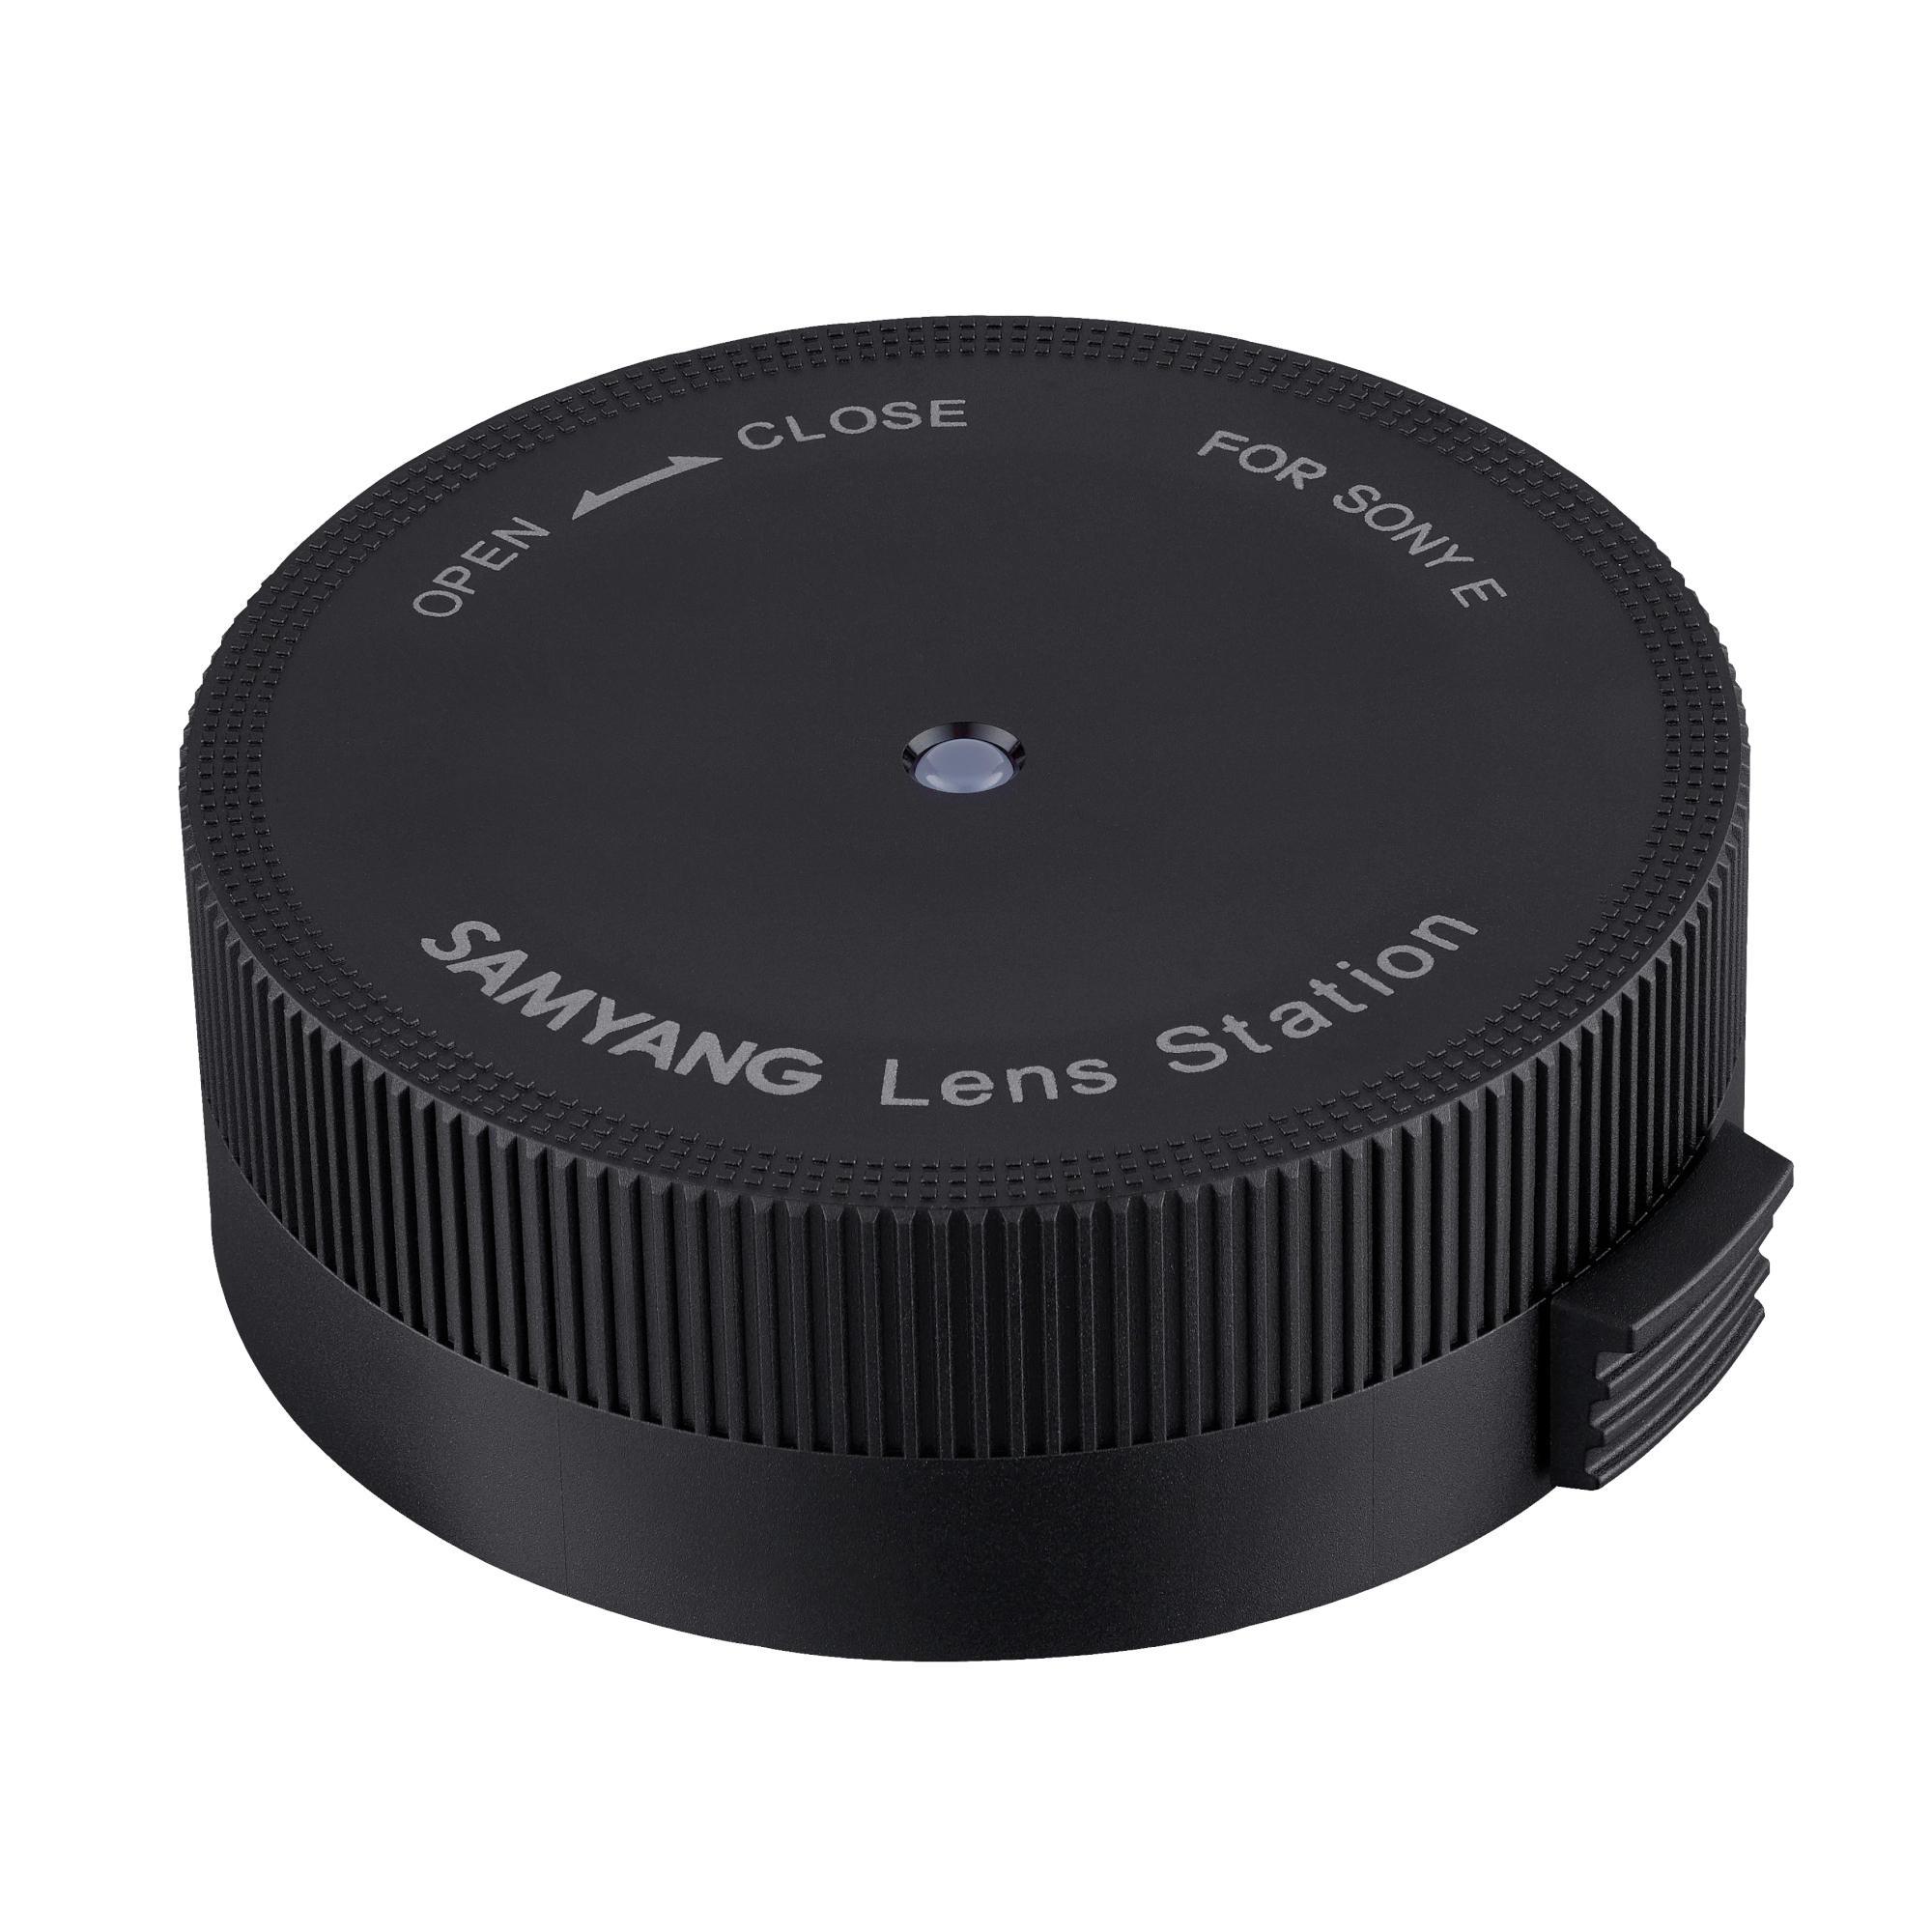 Lens Station画像01